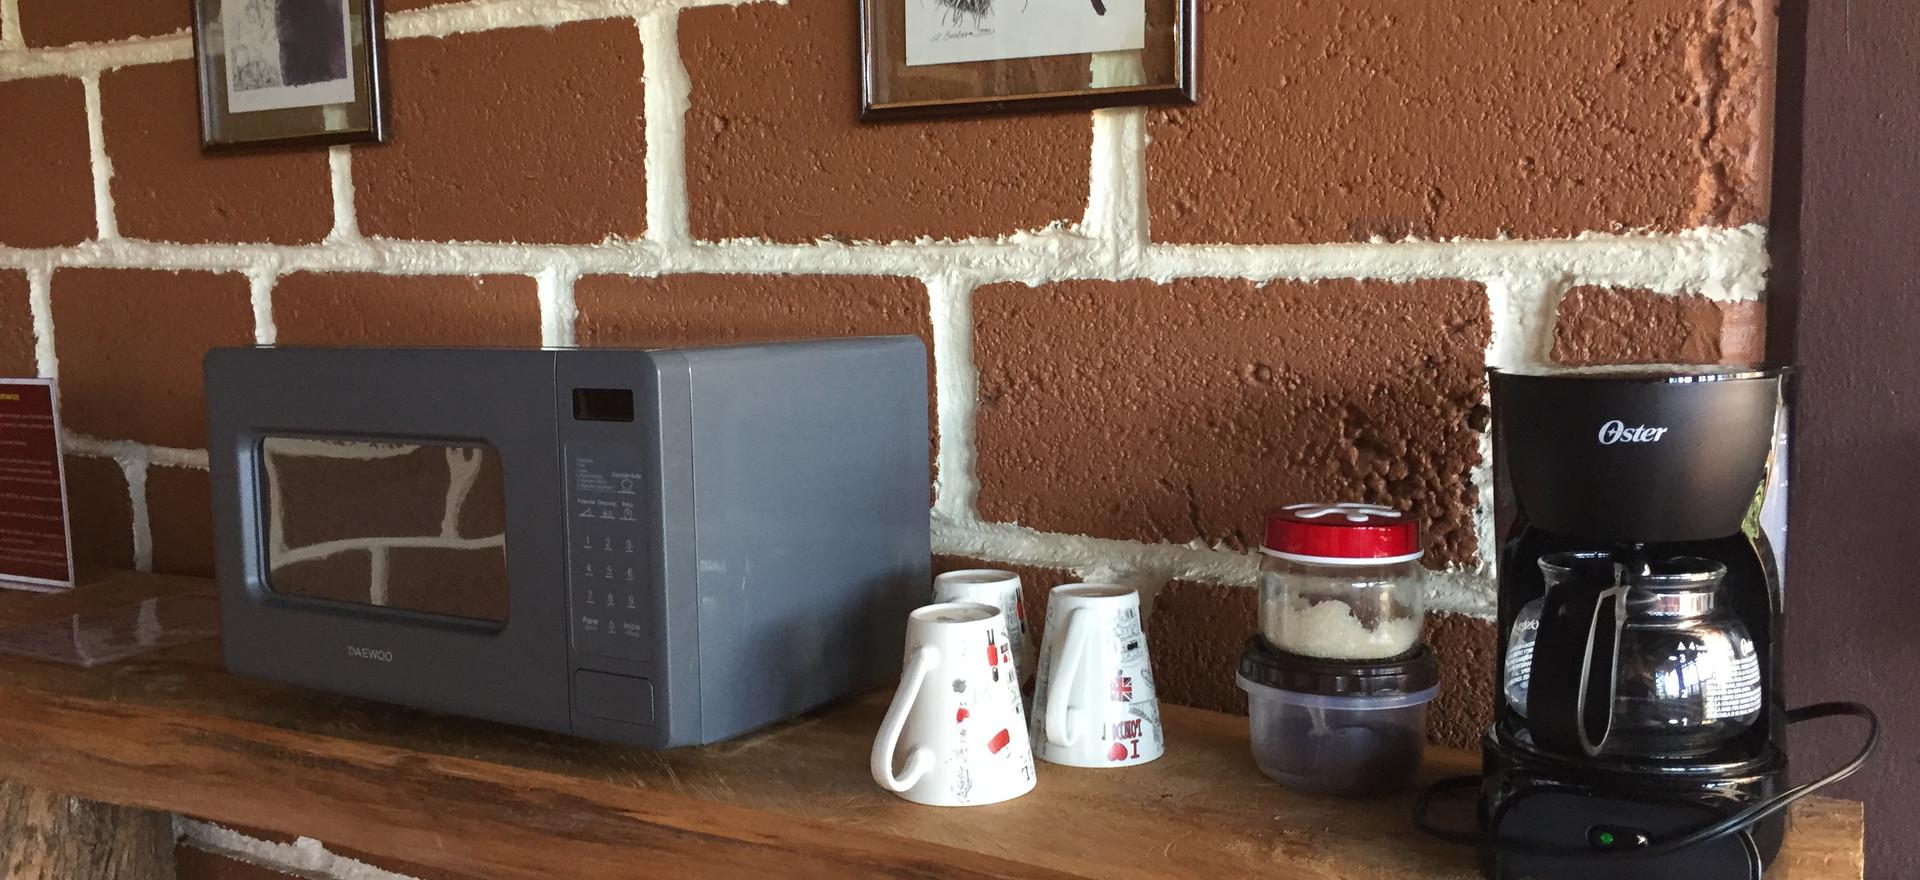 Microondas y Cafetera